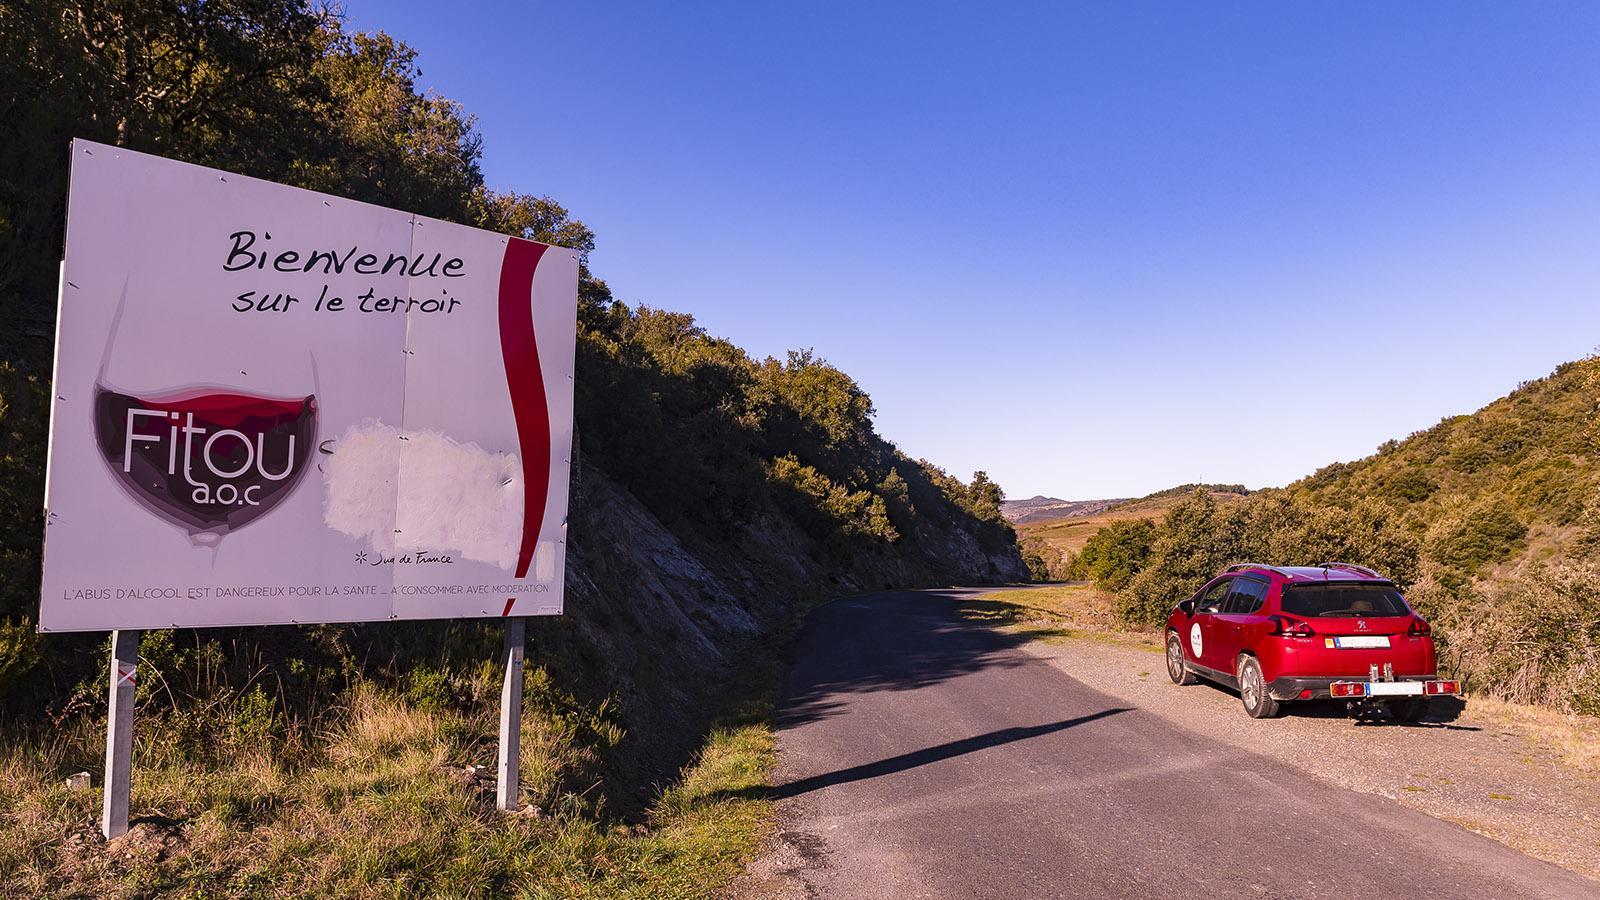 Die Grenze der Appellation Fitou markieren große Werbeschilder an den Zufahrtsstraßen. Foto: Hilke Maunder